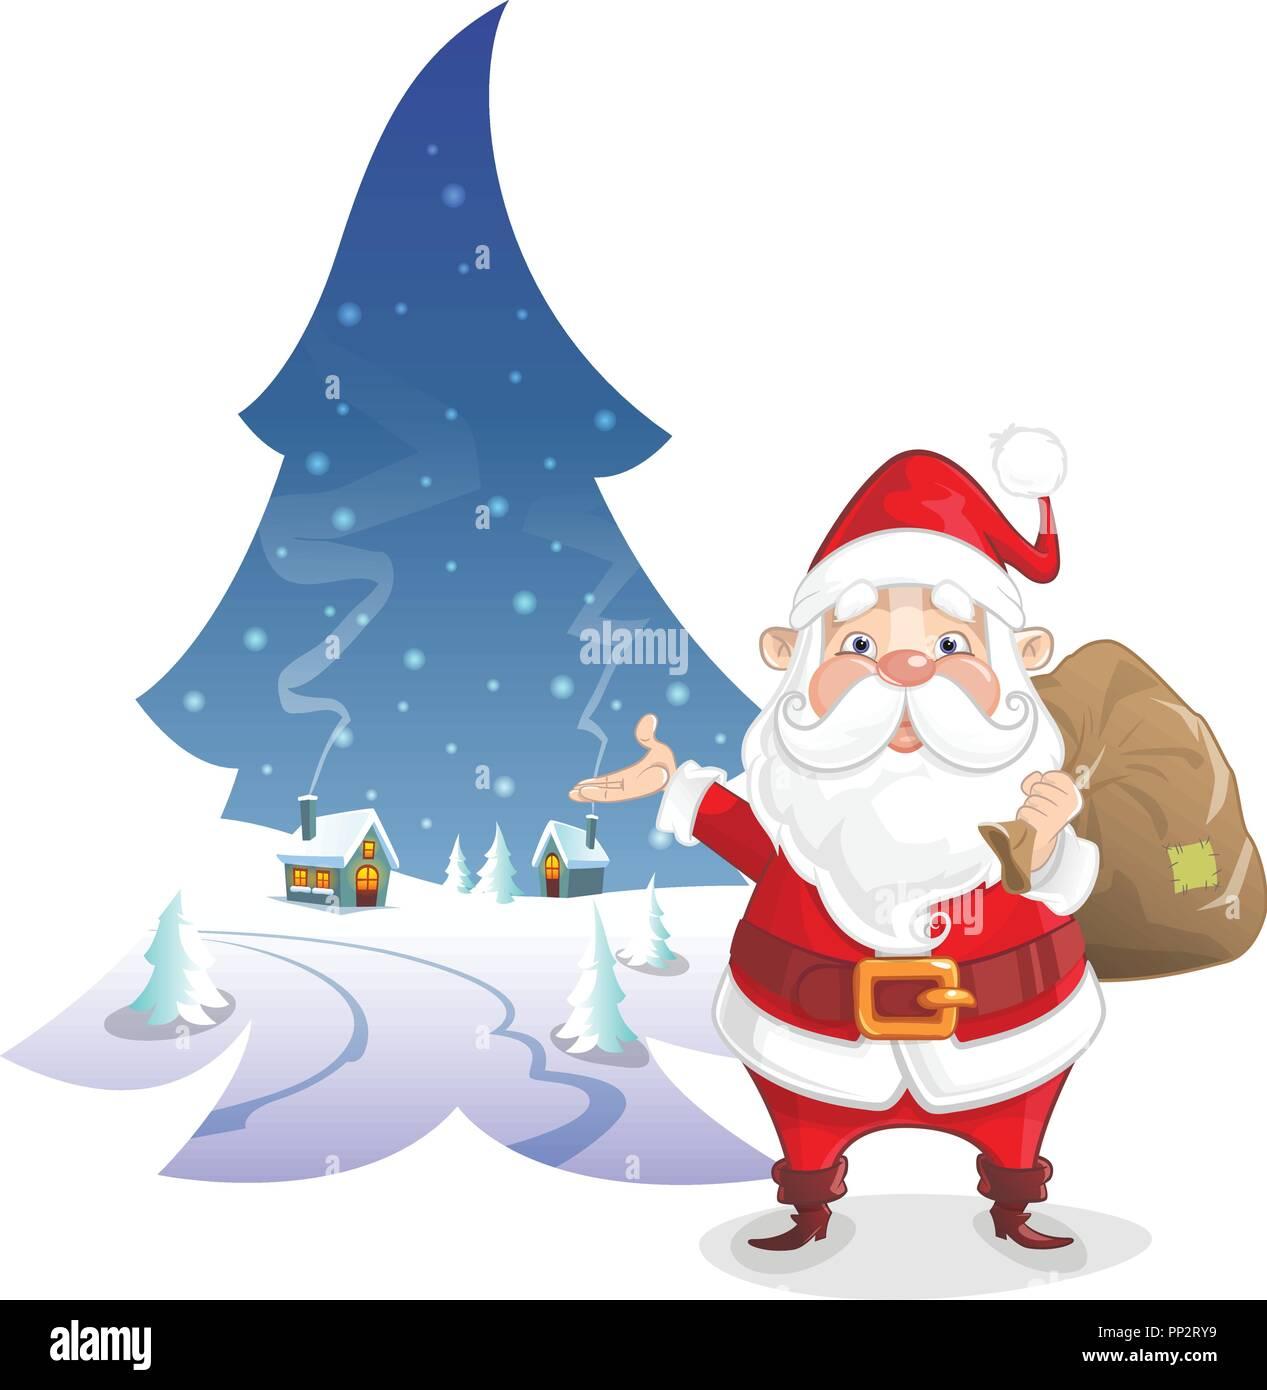 Illustration de Noël - paysage d'hiver en forme de pin avec le Père Noël mignon Illustration de Vecteur